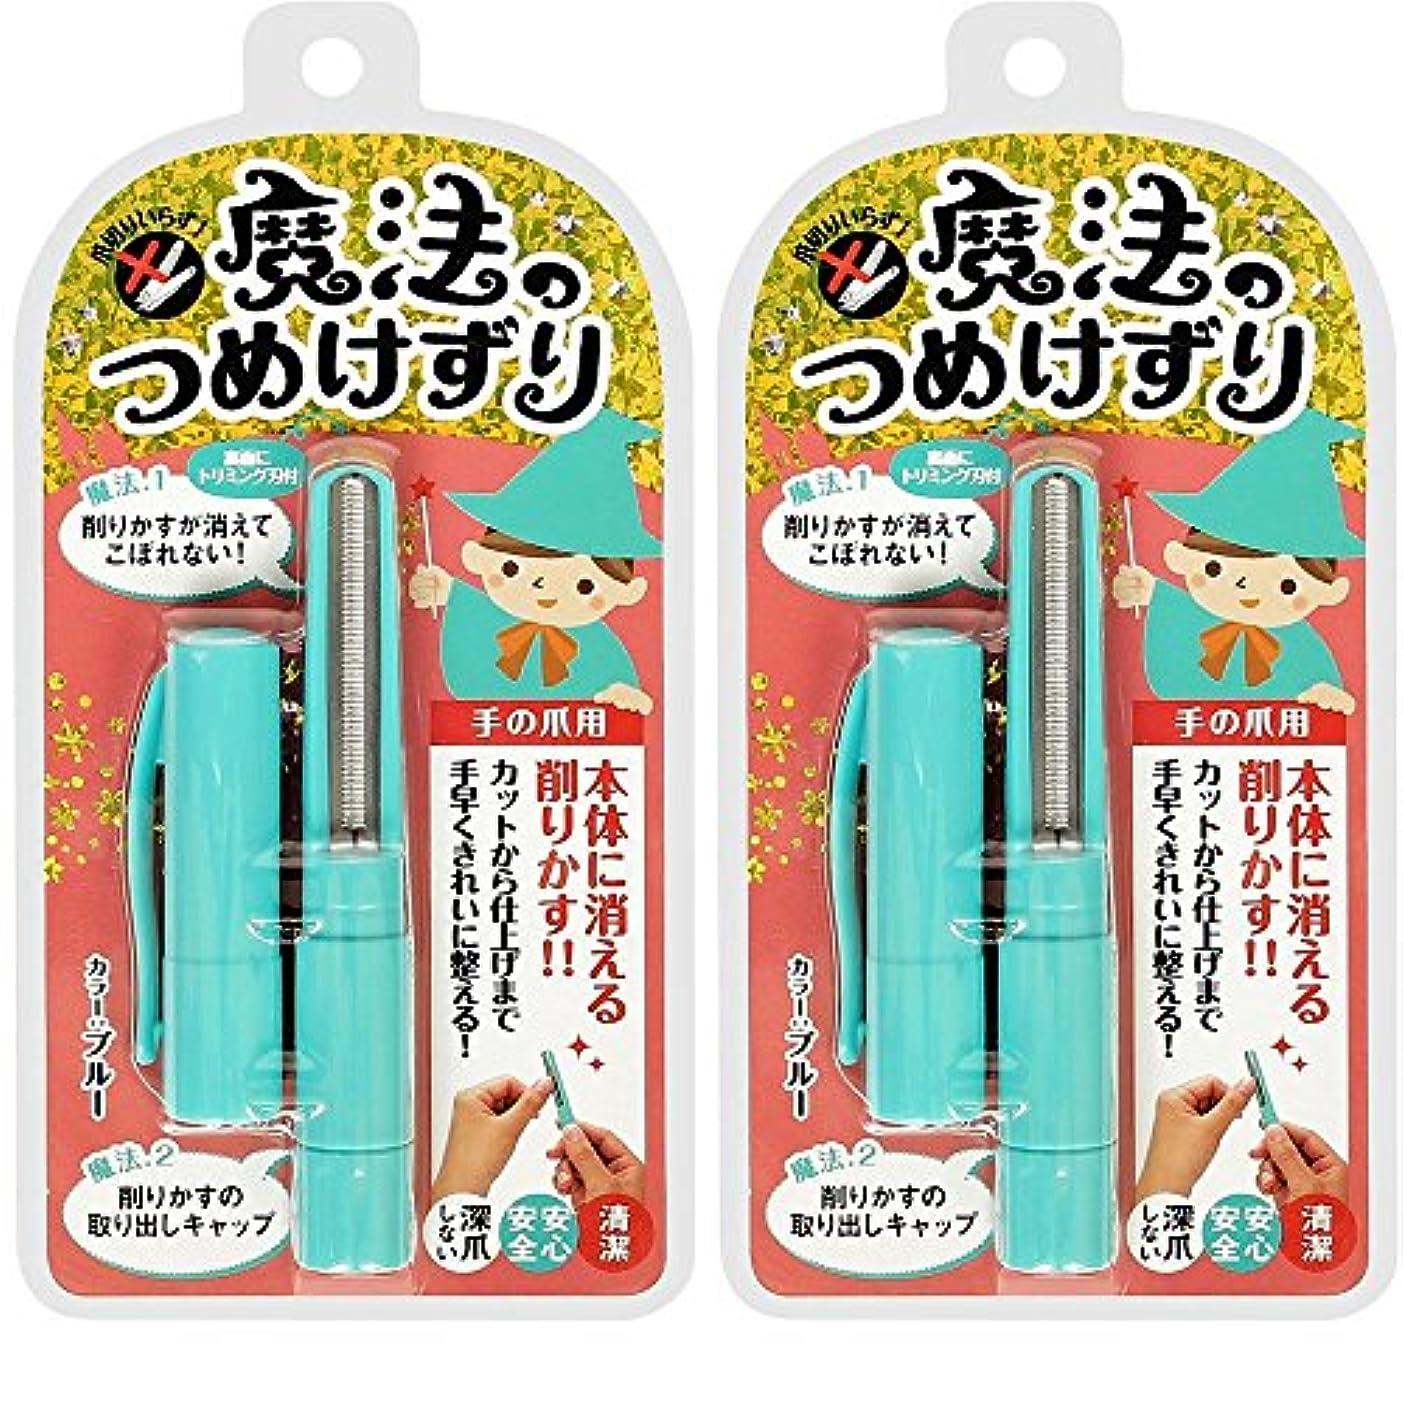 気怠い同情リスナー【セット品】松本金型 魔法のつめけずり MM-091 ブルー 2個